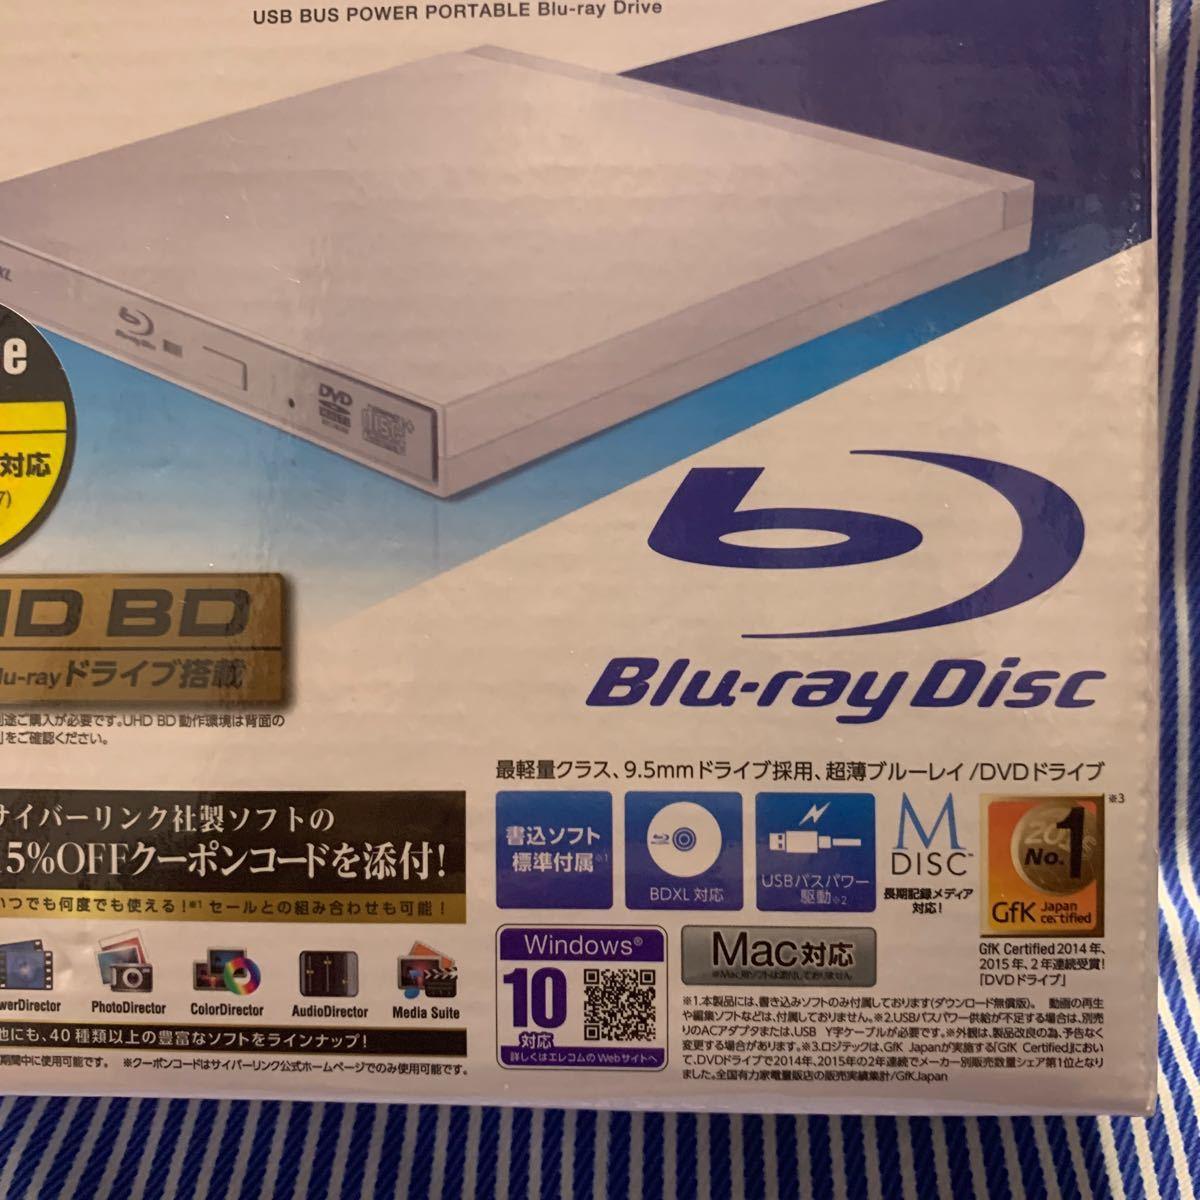 値下げ!ポータブルBlu-rayドライブ LBD-PUD6U3LWH